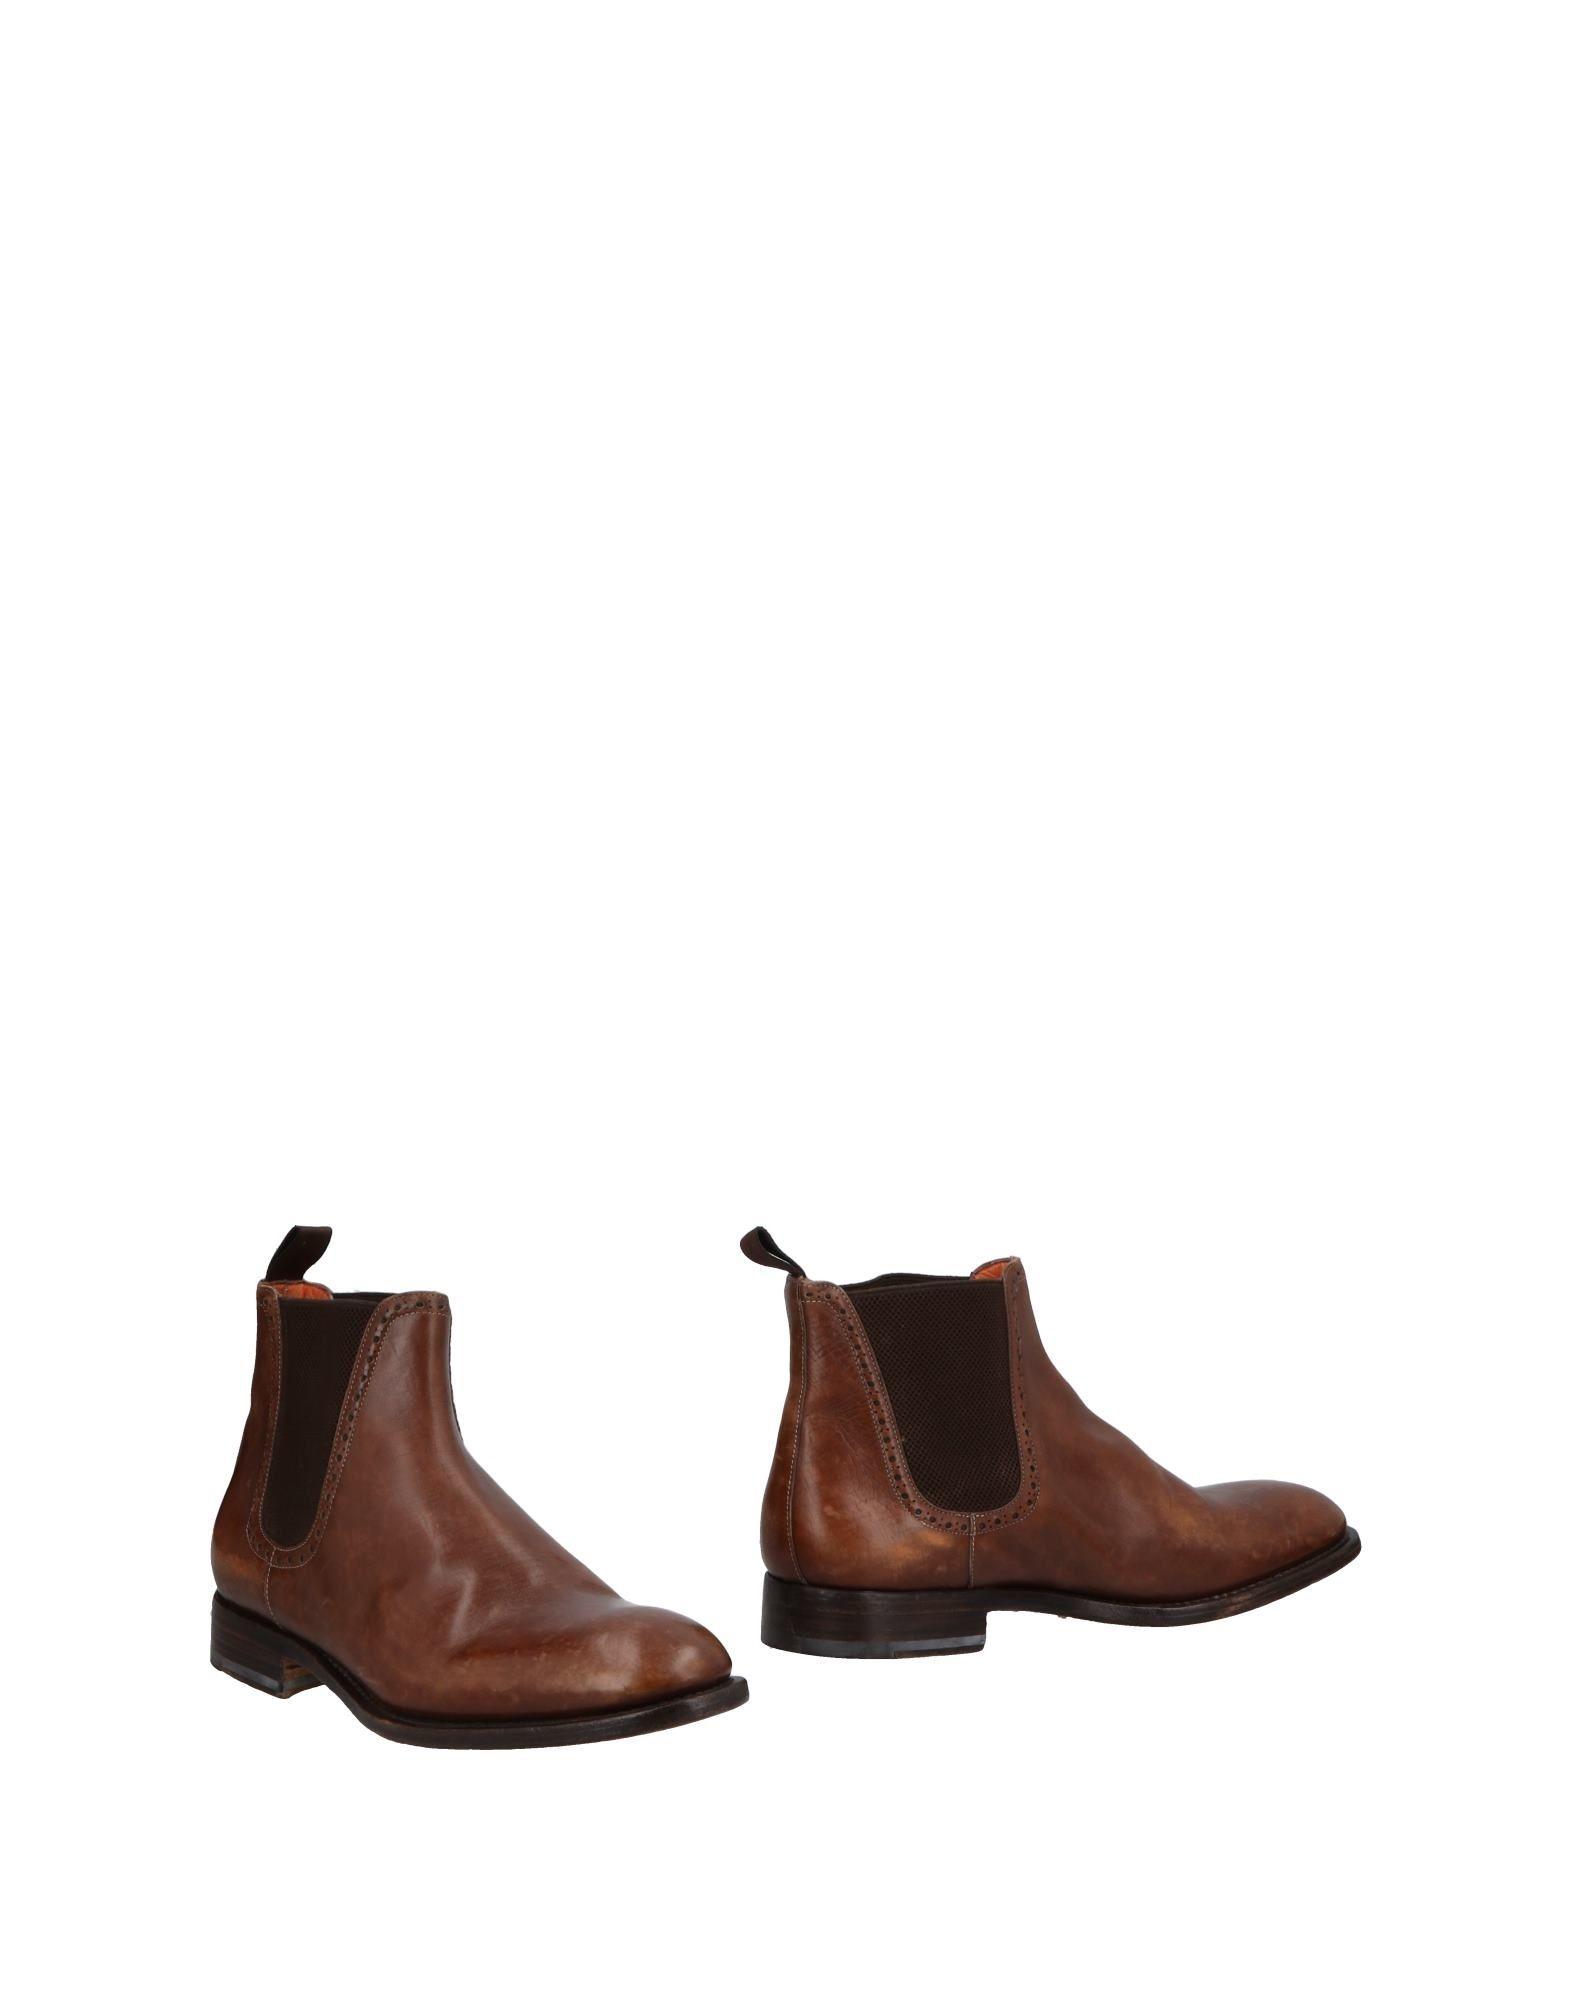 Santoni Stiefelette Herren  11024868JT Gute Qualität beliebte Schuhe